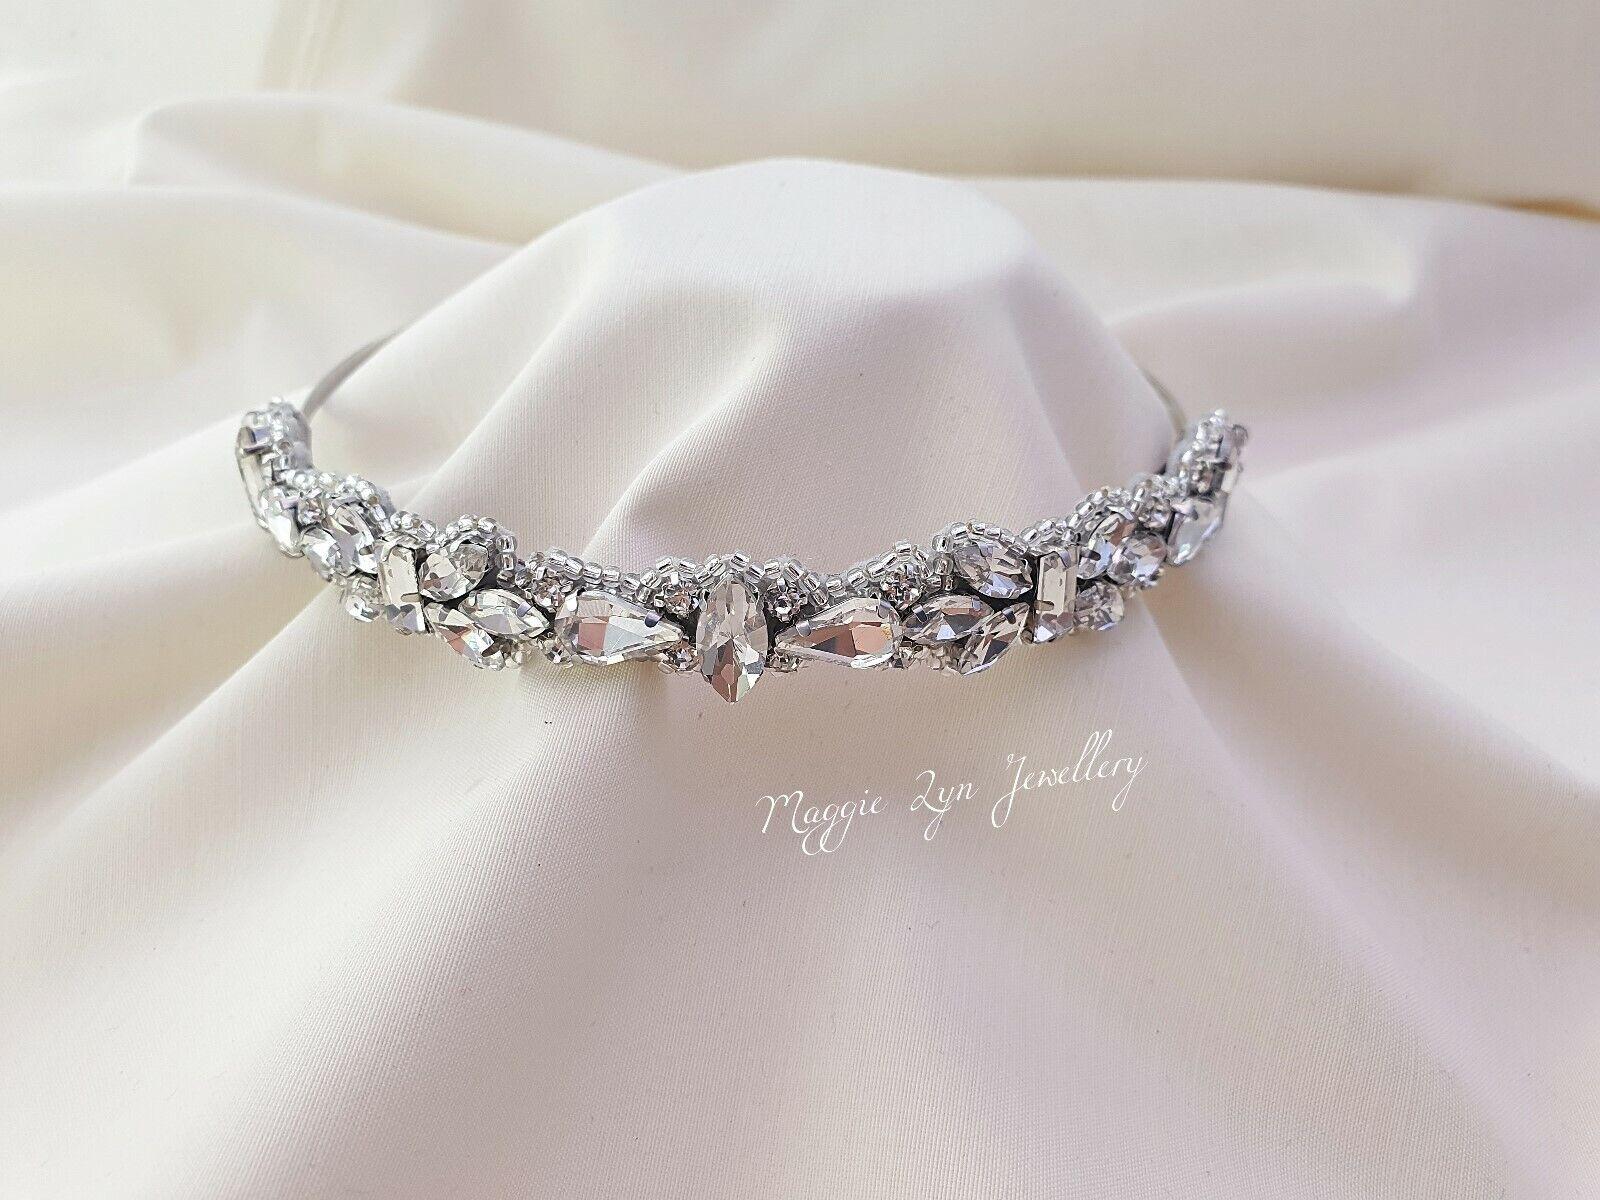 Bridal crystal headband tiara, sparkly wedding hairband. headpiece hairpiece uk